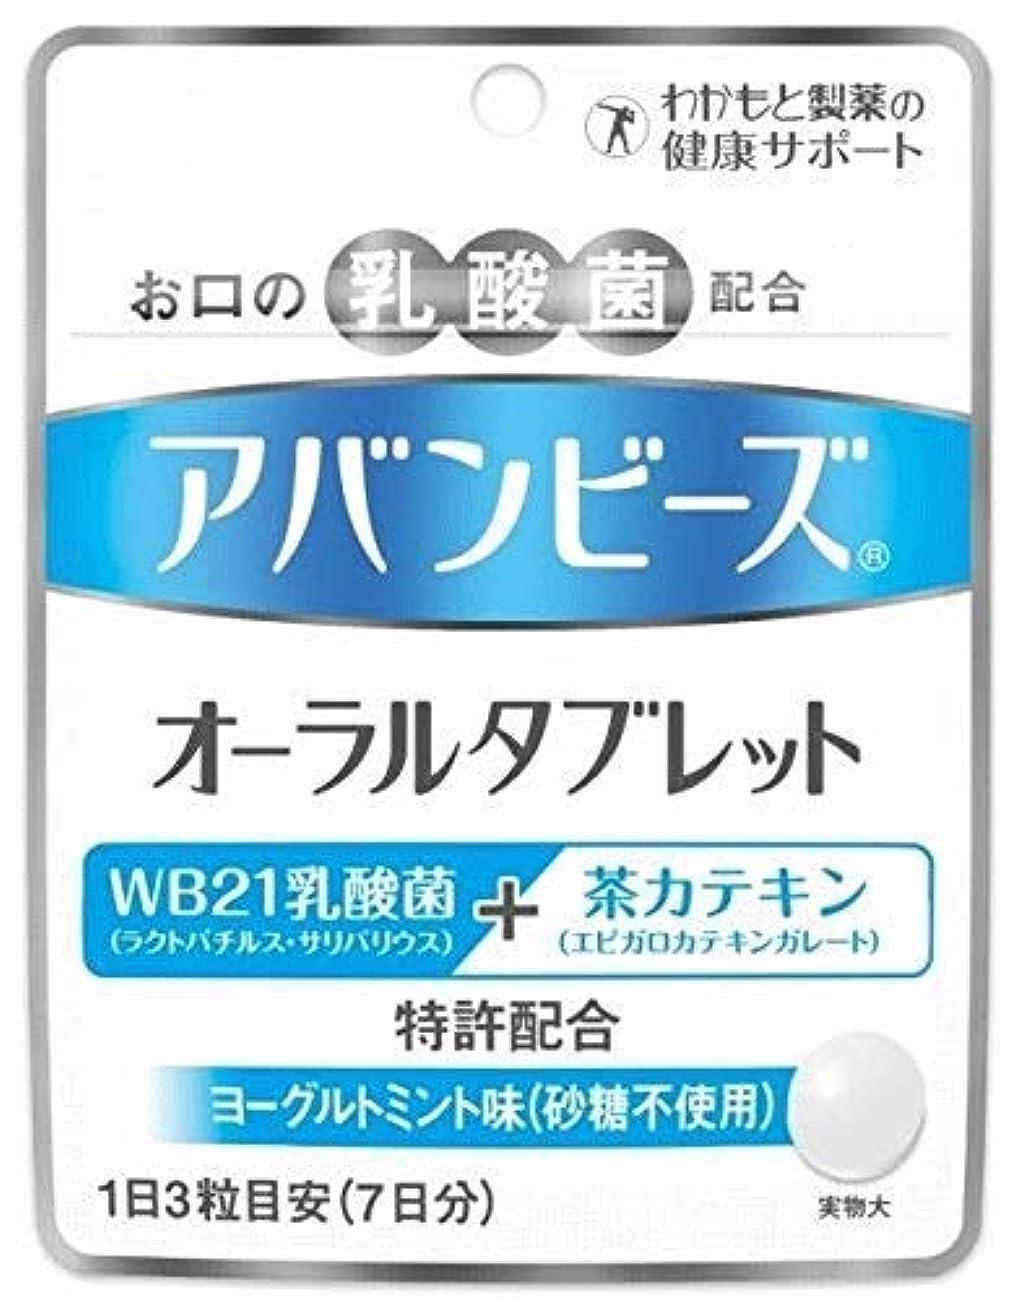 開梱スポット熱心アバンビーズ オーラルタブレット 7日分(21粒入)×10個セット